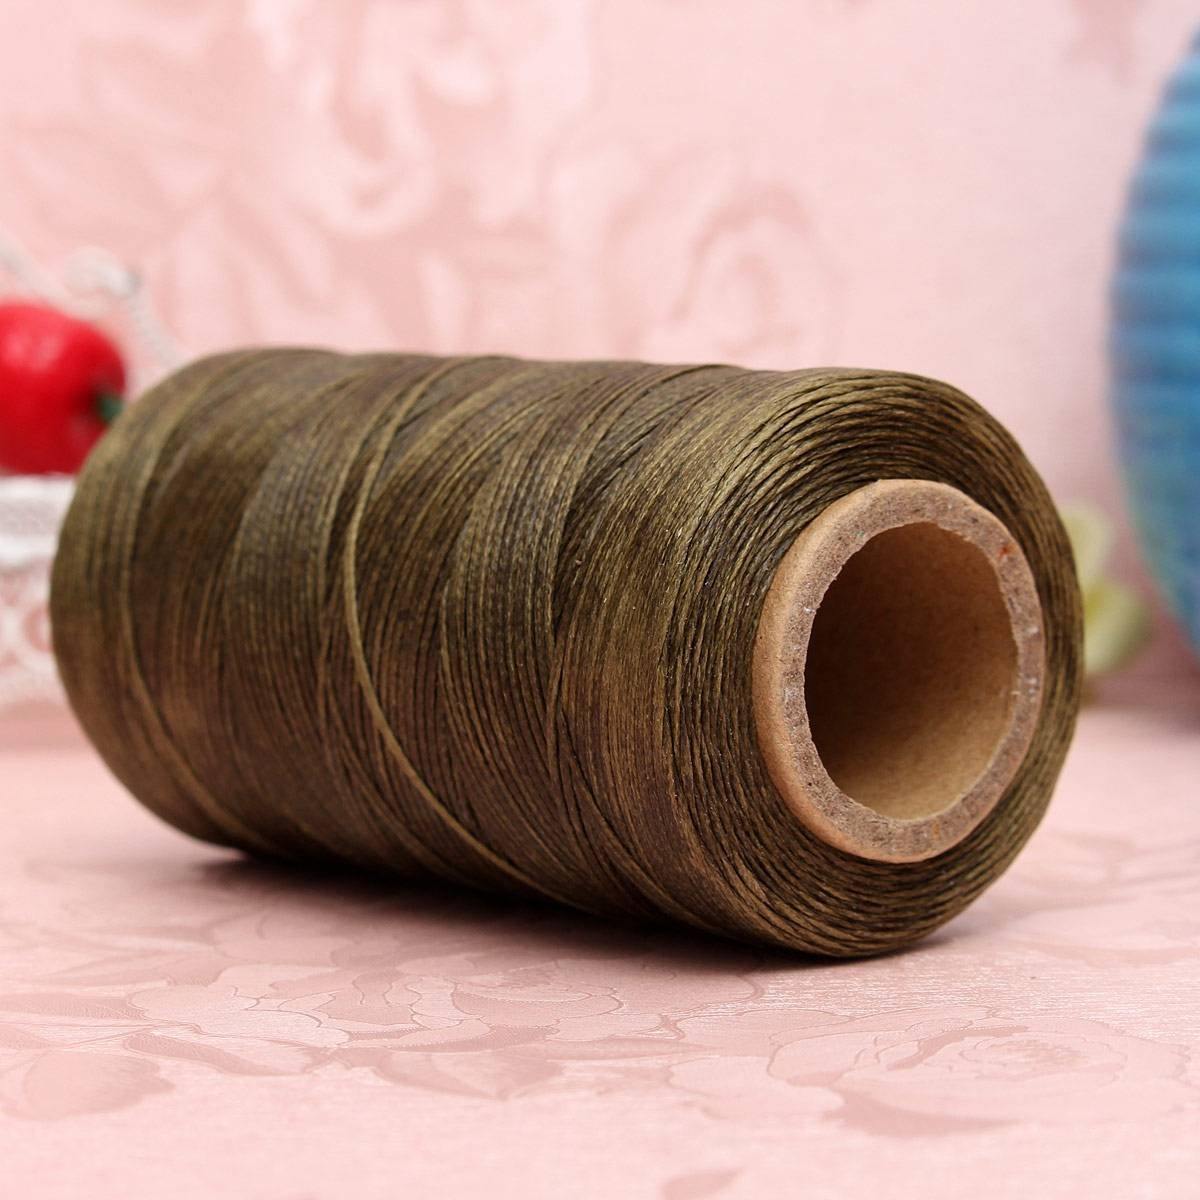 Ledergarn nature en polyester fortement Stick à pour handnähen